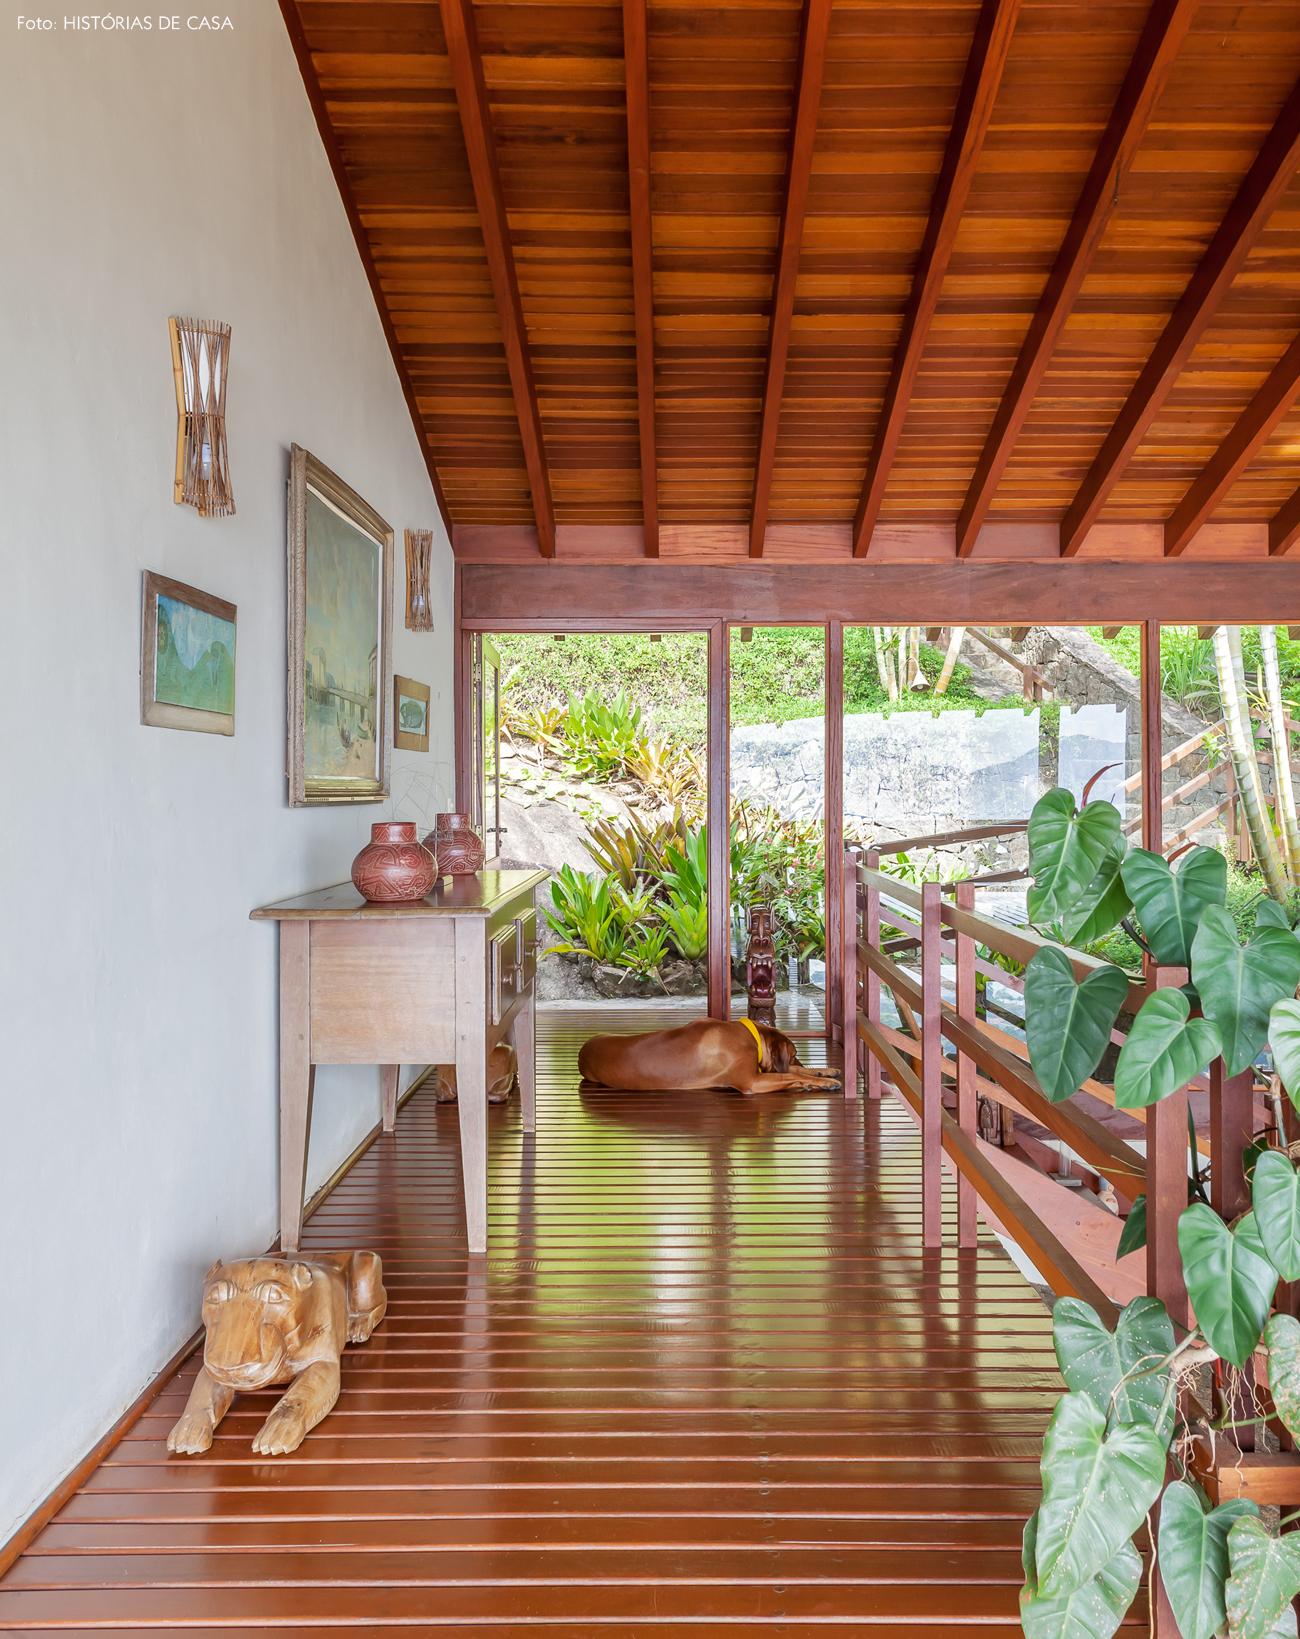 22-decoracao-casa-de-praia-de-madeira-escada-artesanato